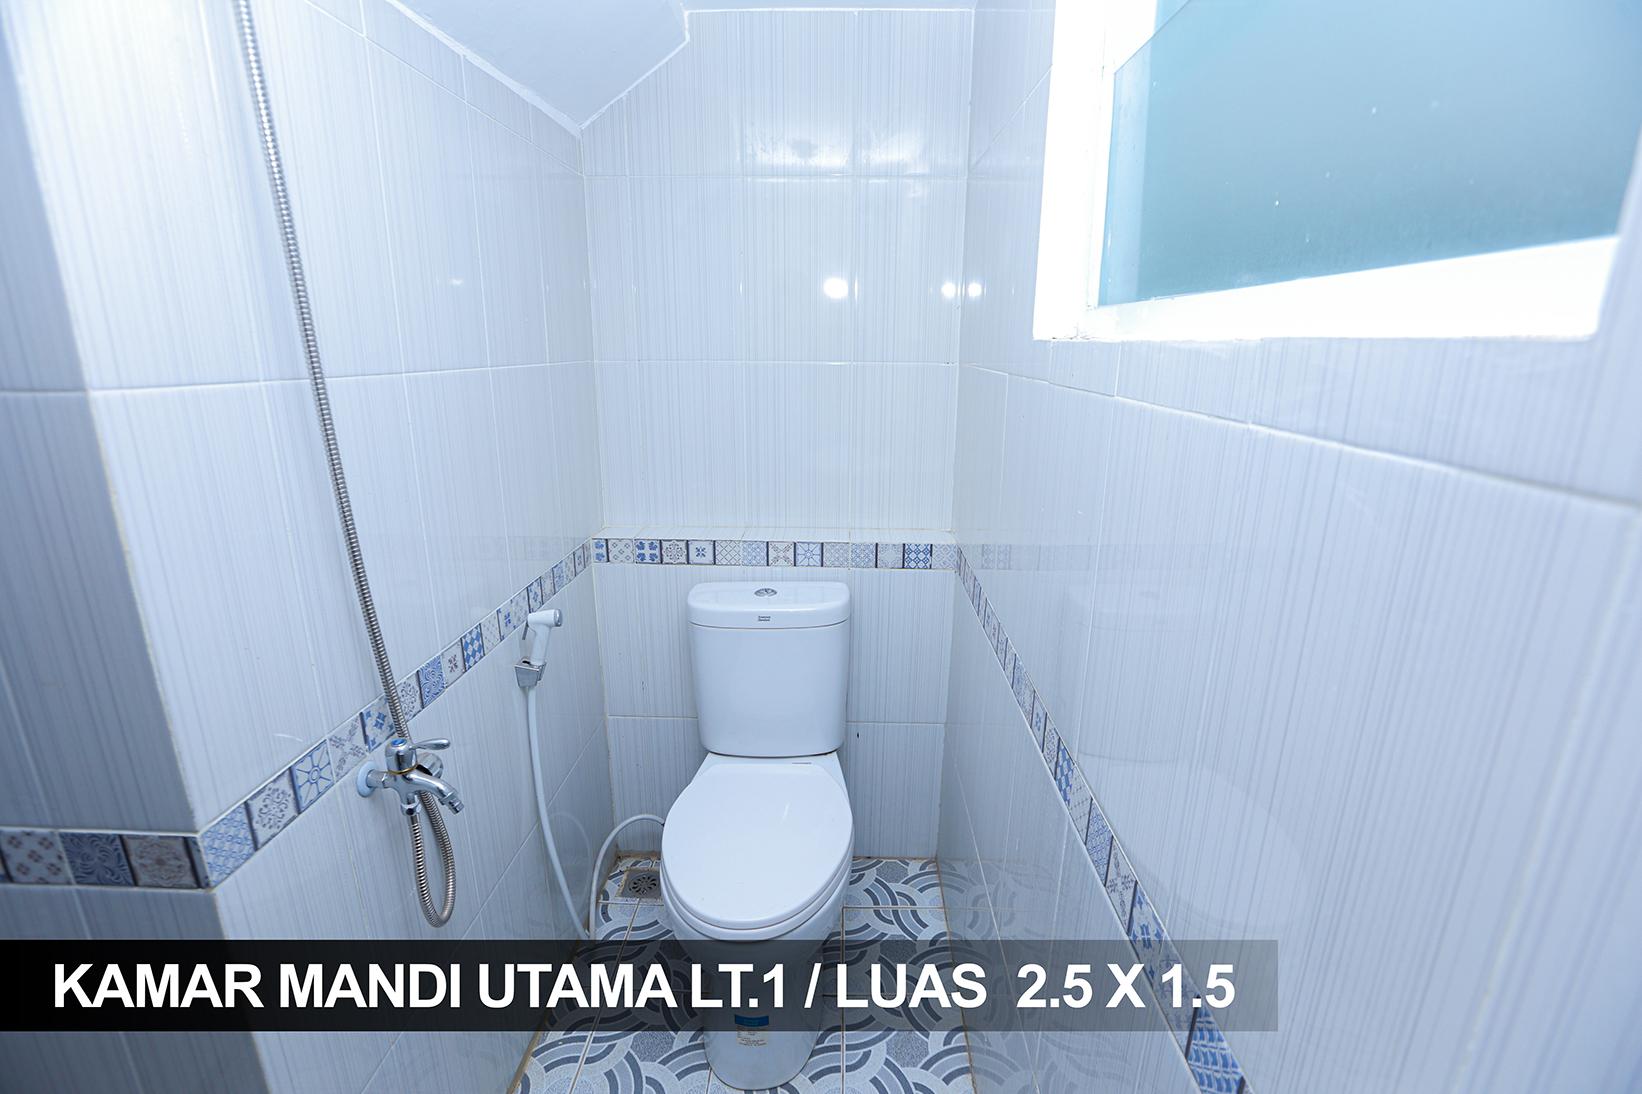 KAMAR MANDI UTAMA LT.1